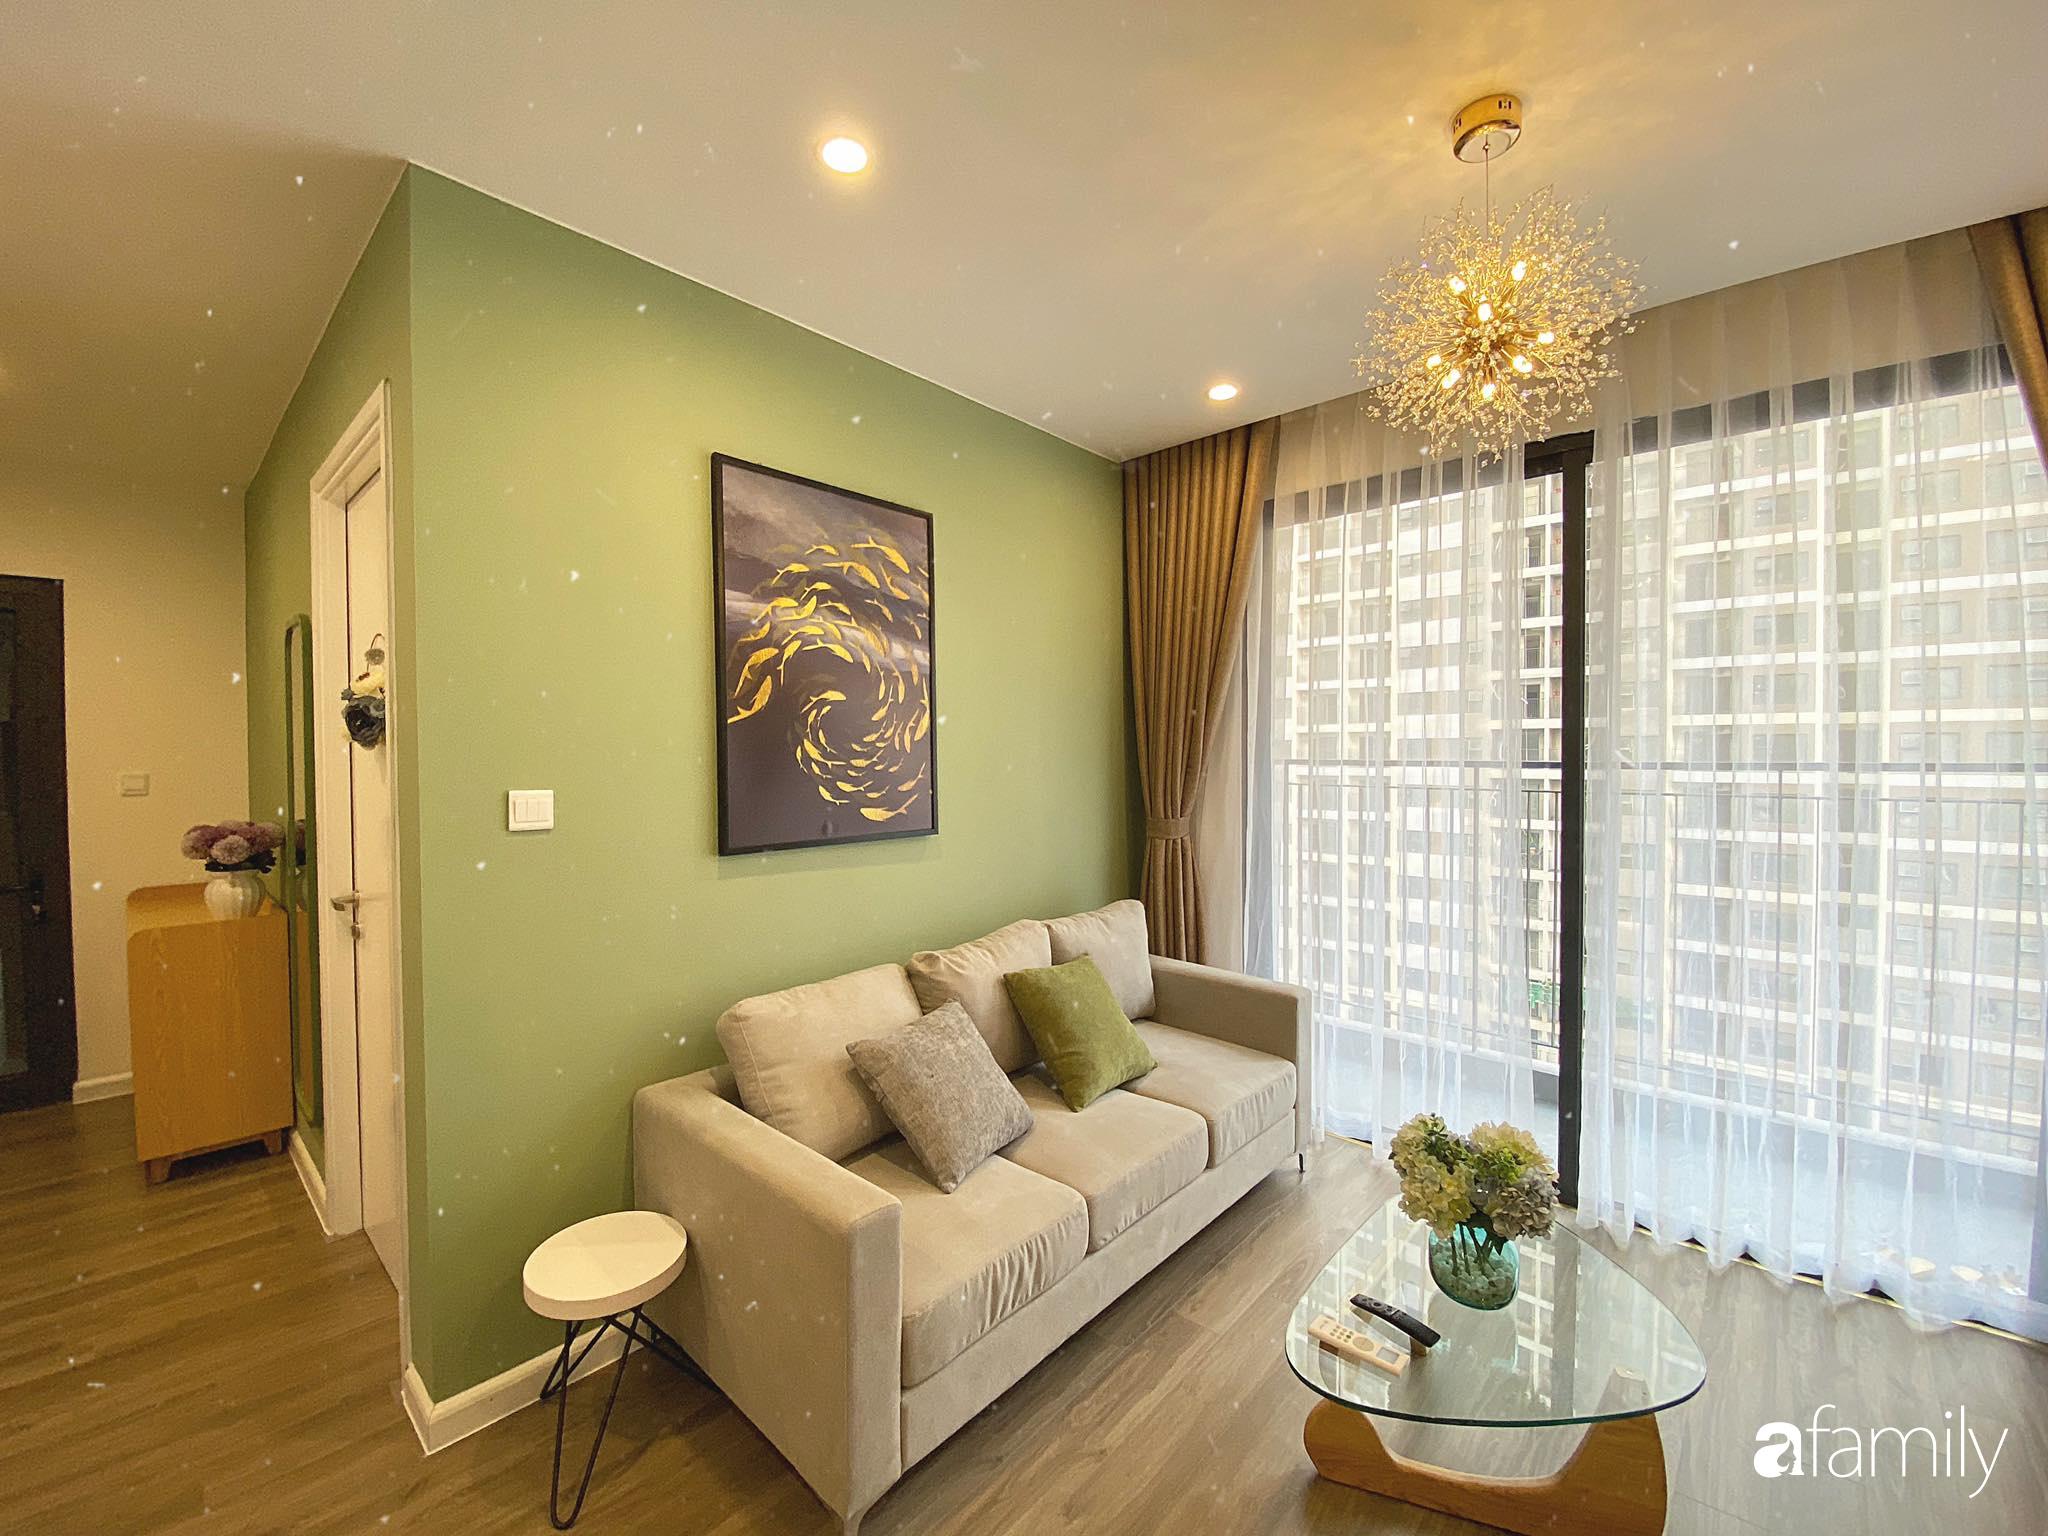 Căn hộ 59m² màu xanh lá xua tan nóng bức mùa hè có chi phí hoàn thiện 225 triệu đồng ở Hà Nội - Ảnh 7.